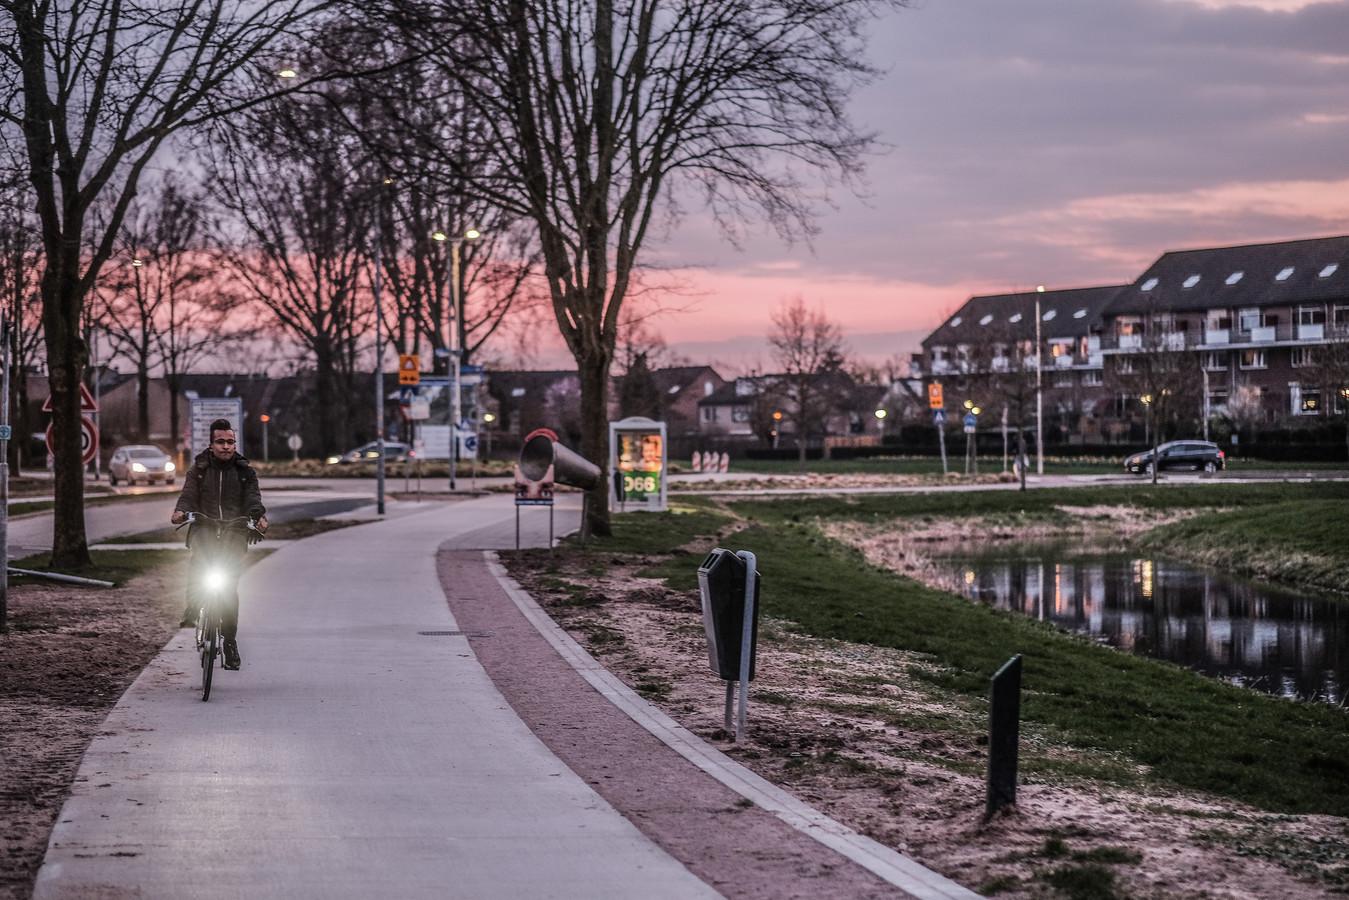 Het wandelpad langs de Rivierweg is wel heel erg smal gemaakt voor wandelaars en rolstoelers.